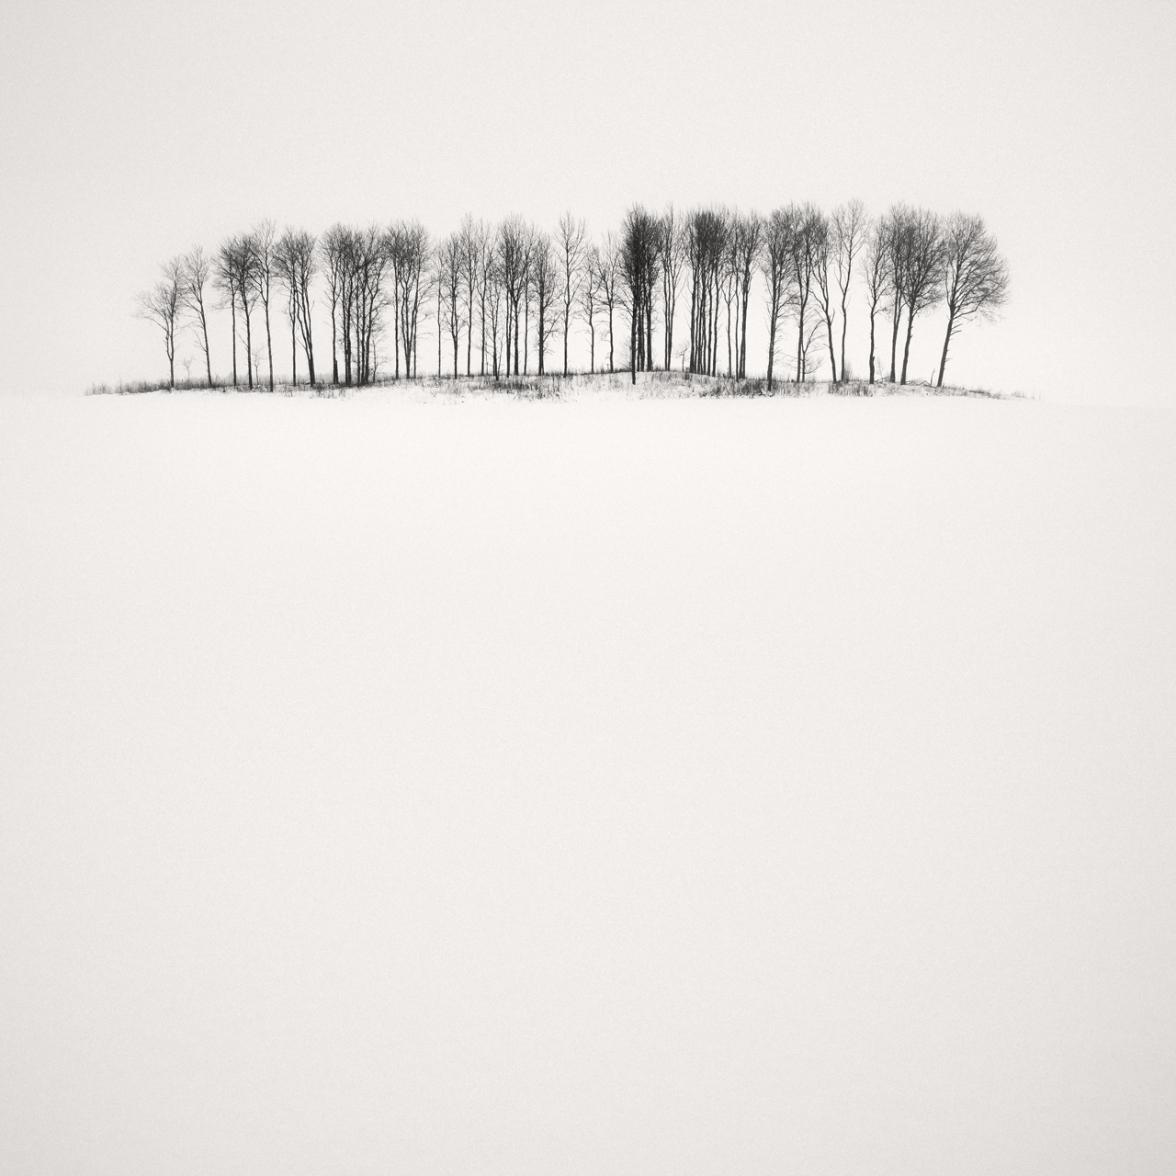 Birches In Snow,2013, © Frang Dushaj